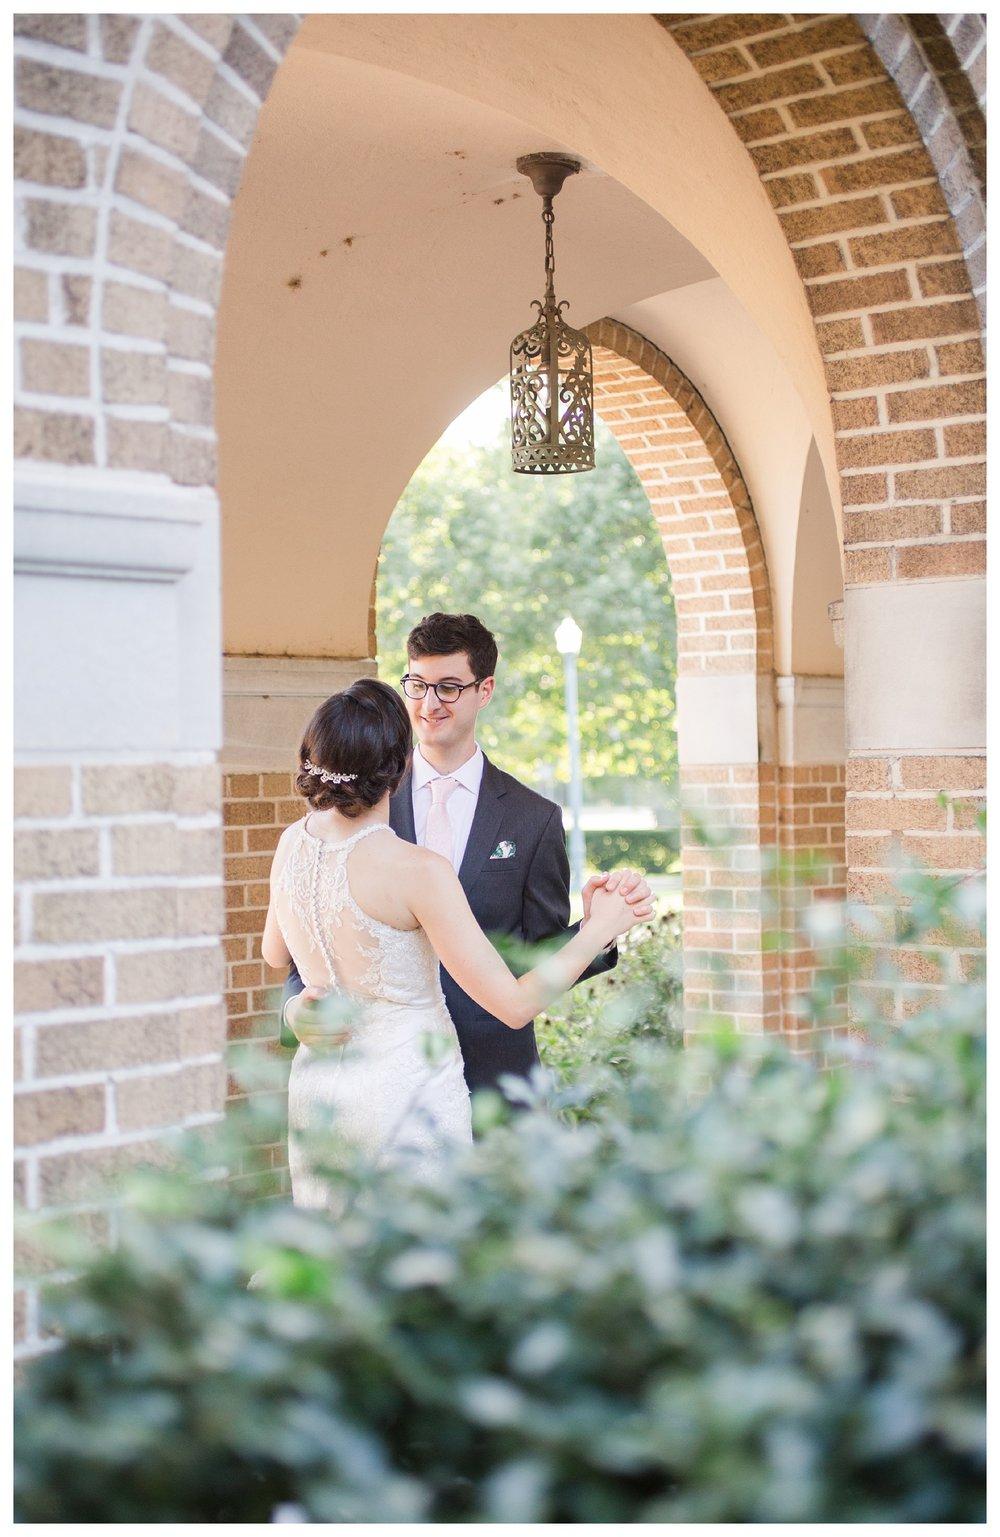 st-charles-preparatory-school-wedding-bexley_0122.jpg